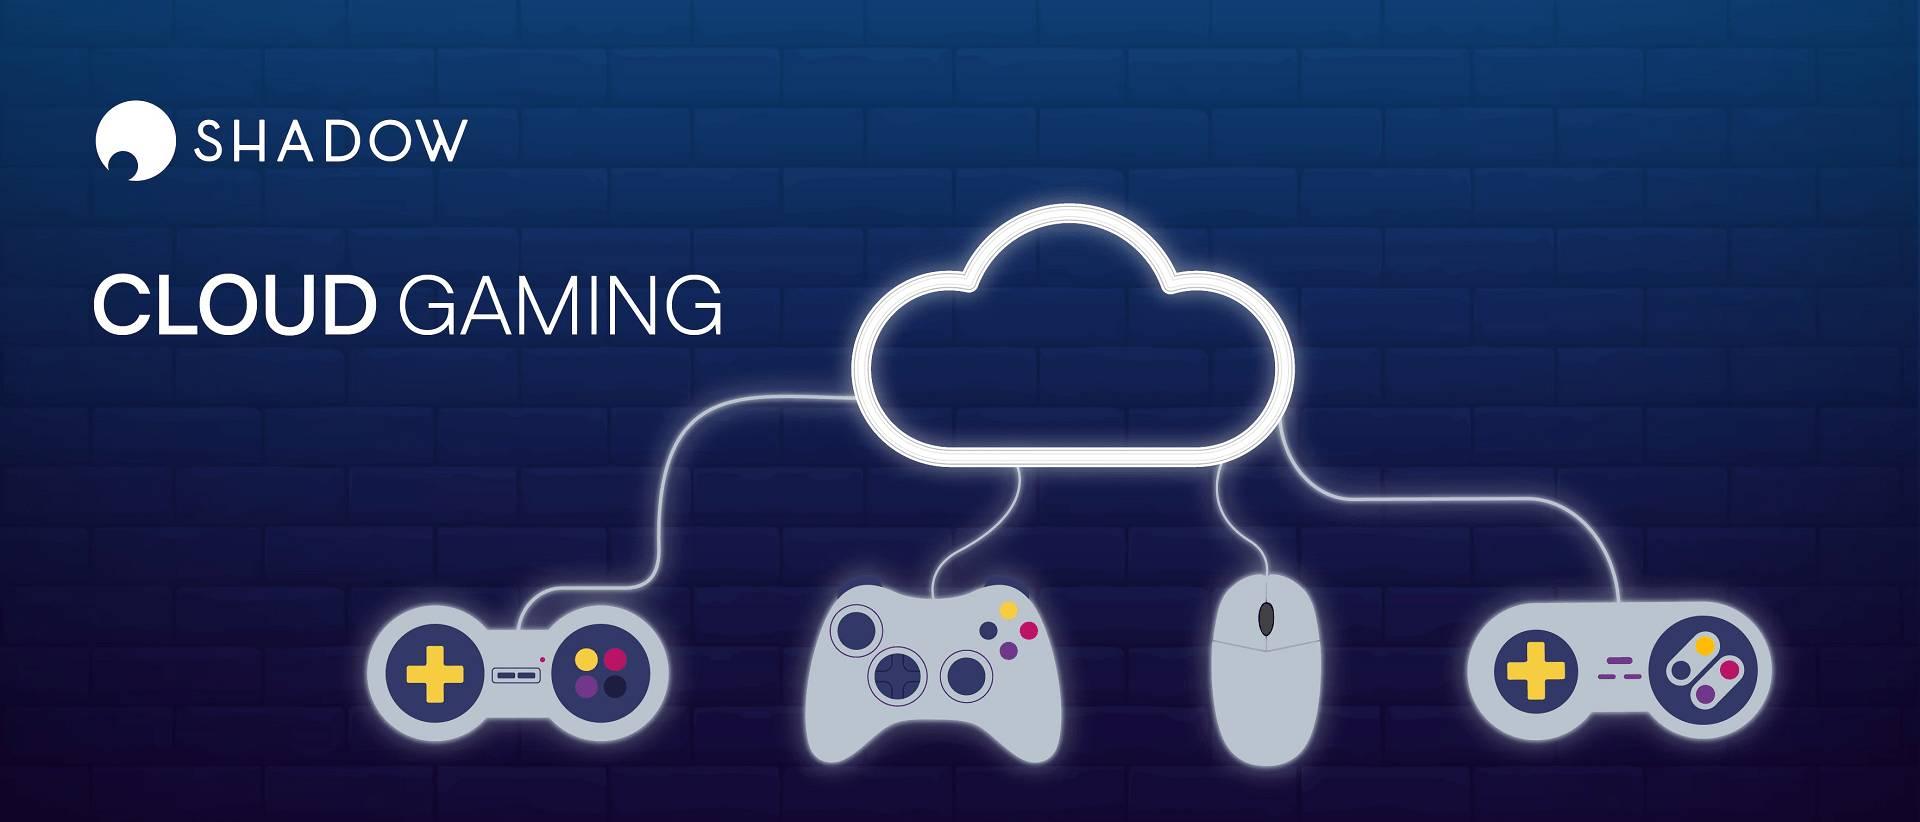 Cloud Gaming ist mit vielen verschiedenen Devices möglich.